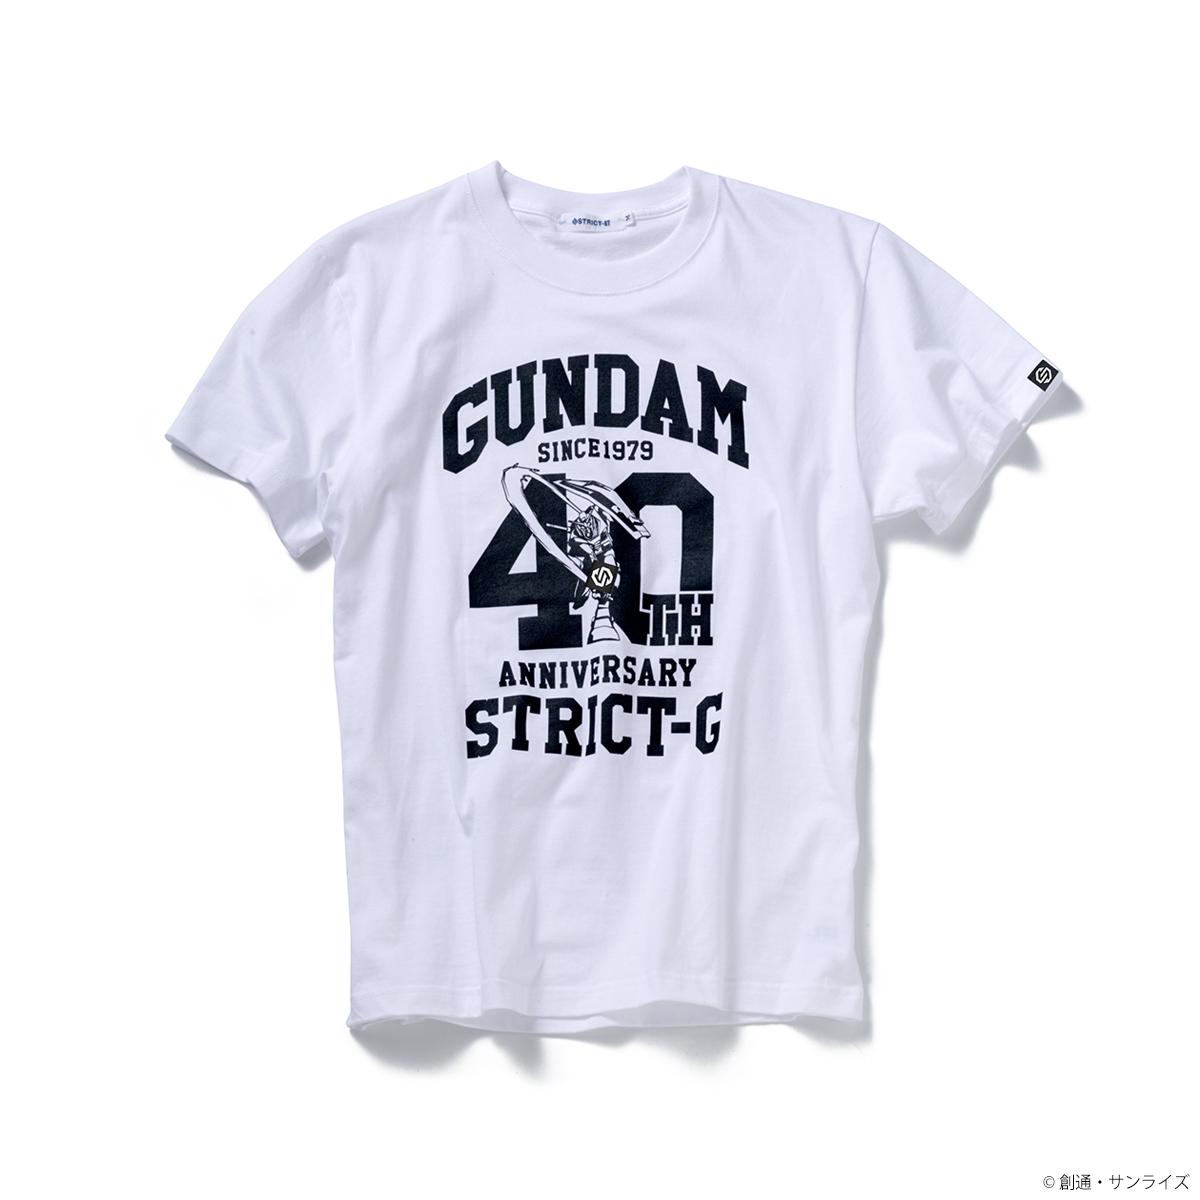 『機動戦士ガンダム』40周年記念Tシャツ ガンダム